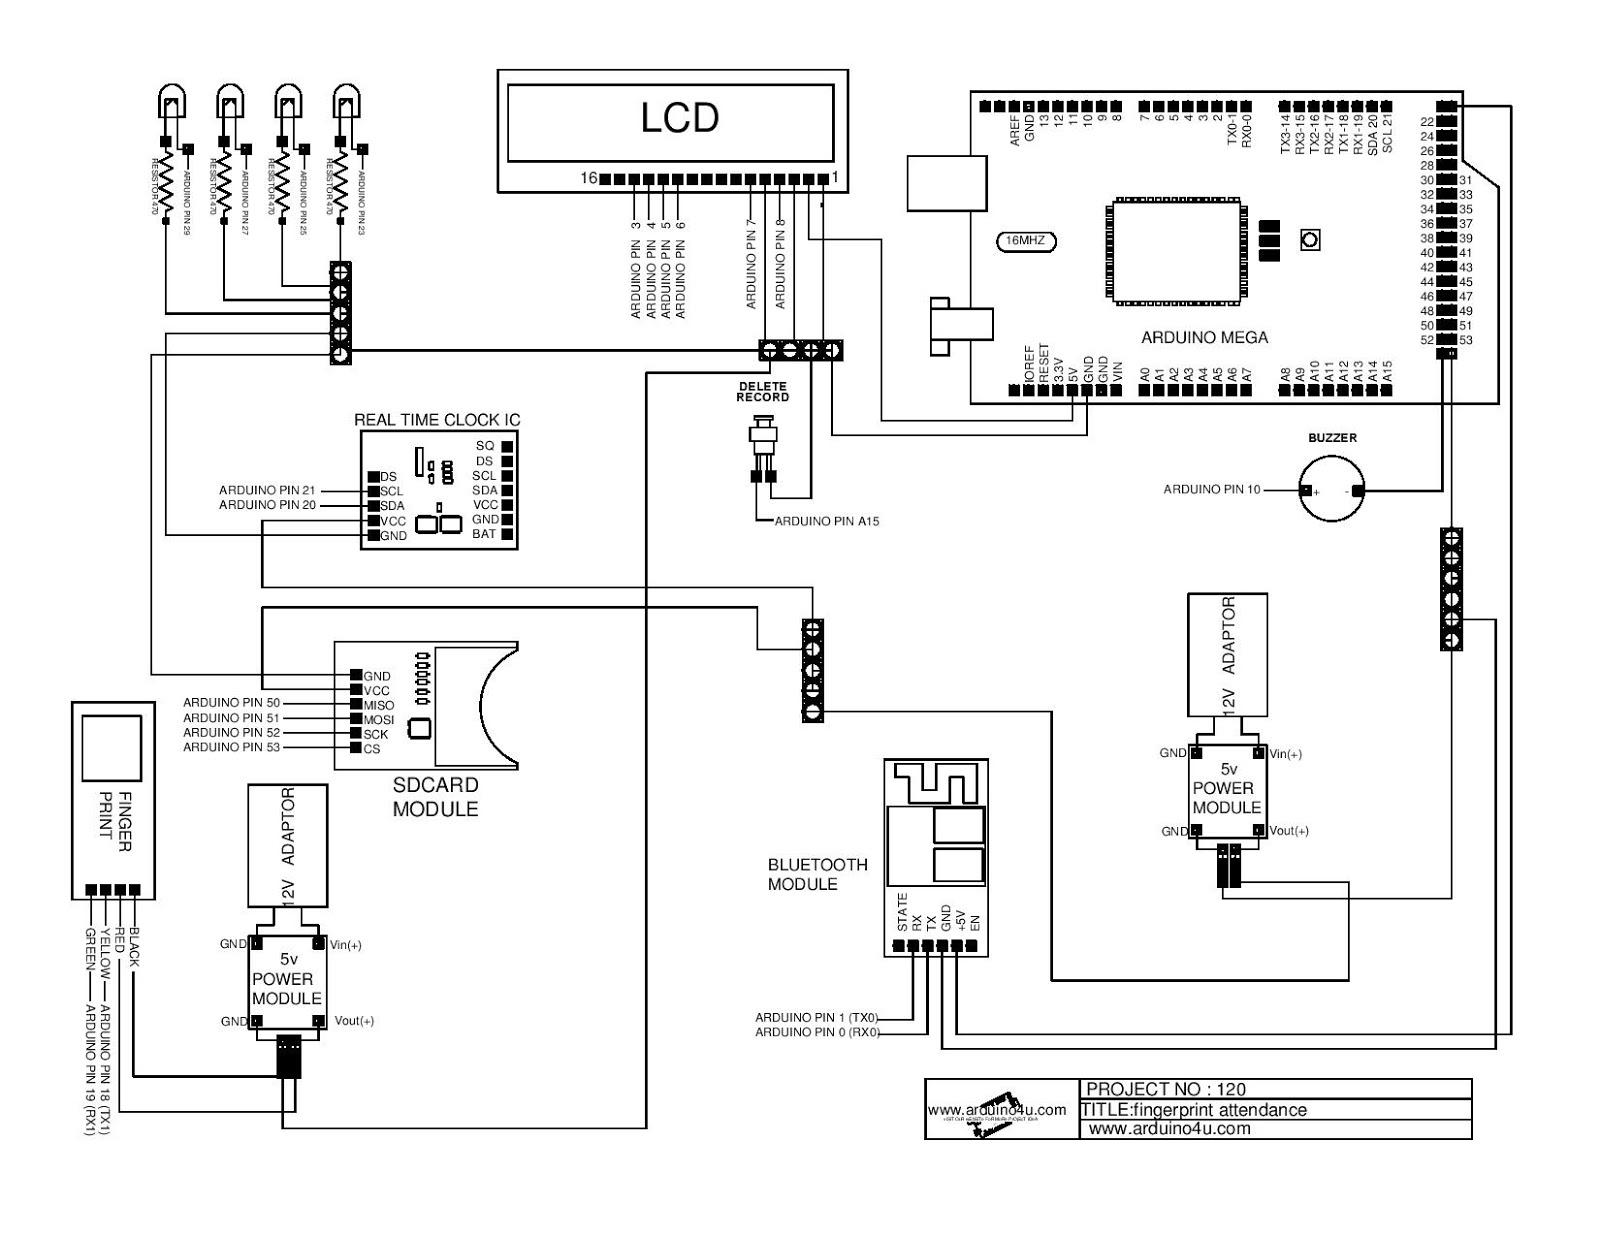 Projek Elektronik Arduino4u 120 Fingerprint Attendance